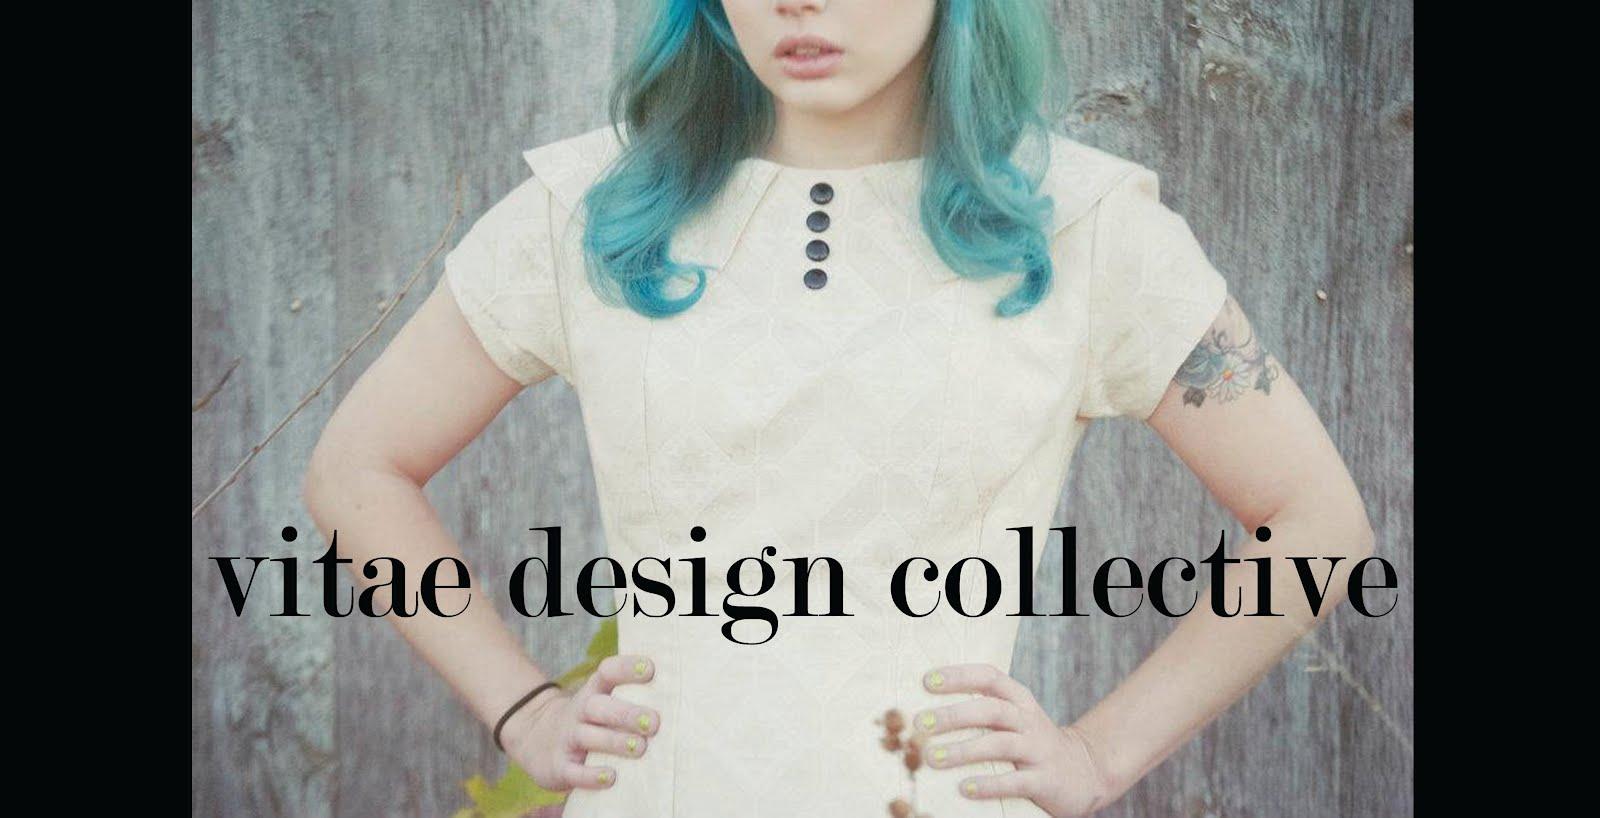 Vitae Design Collective